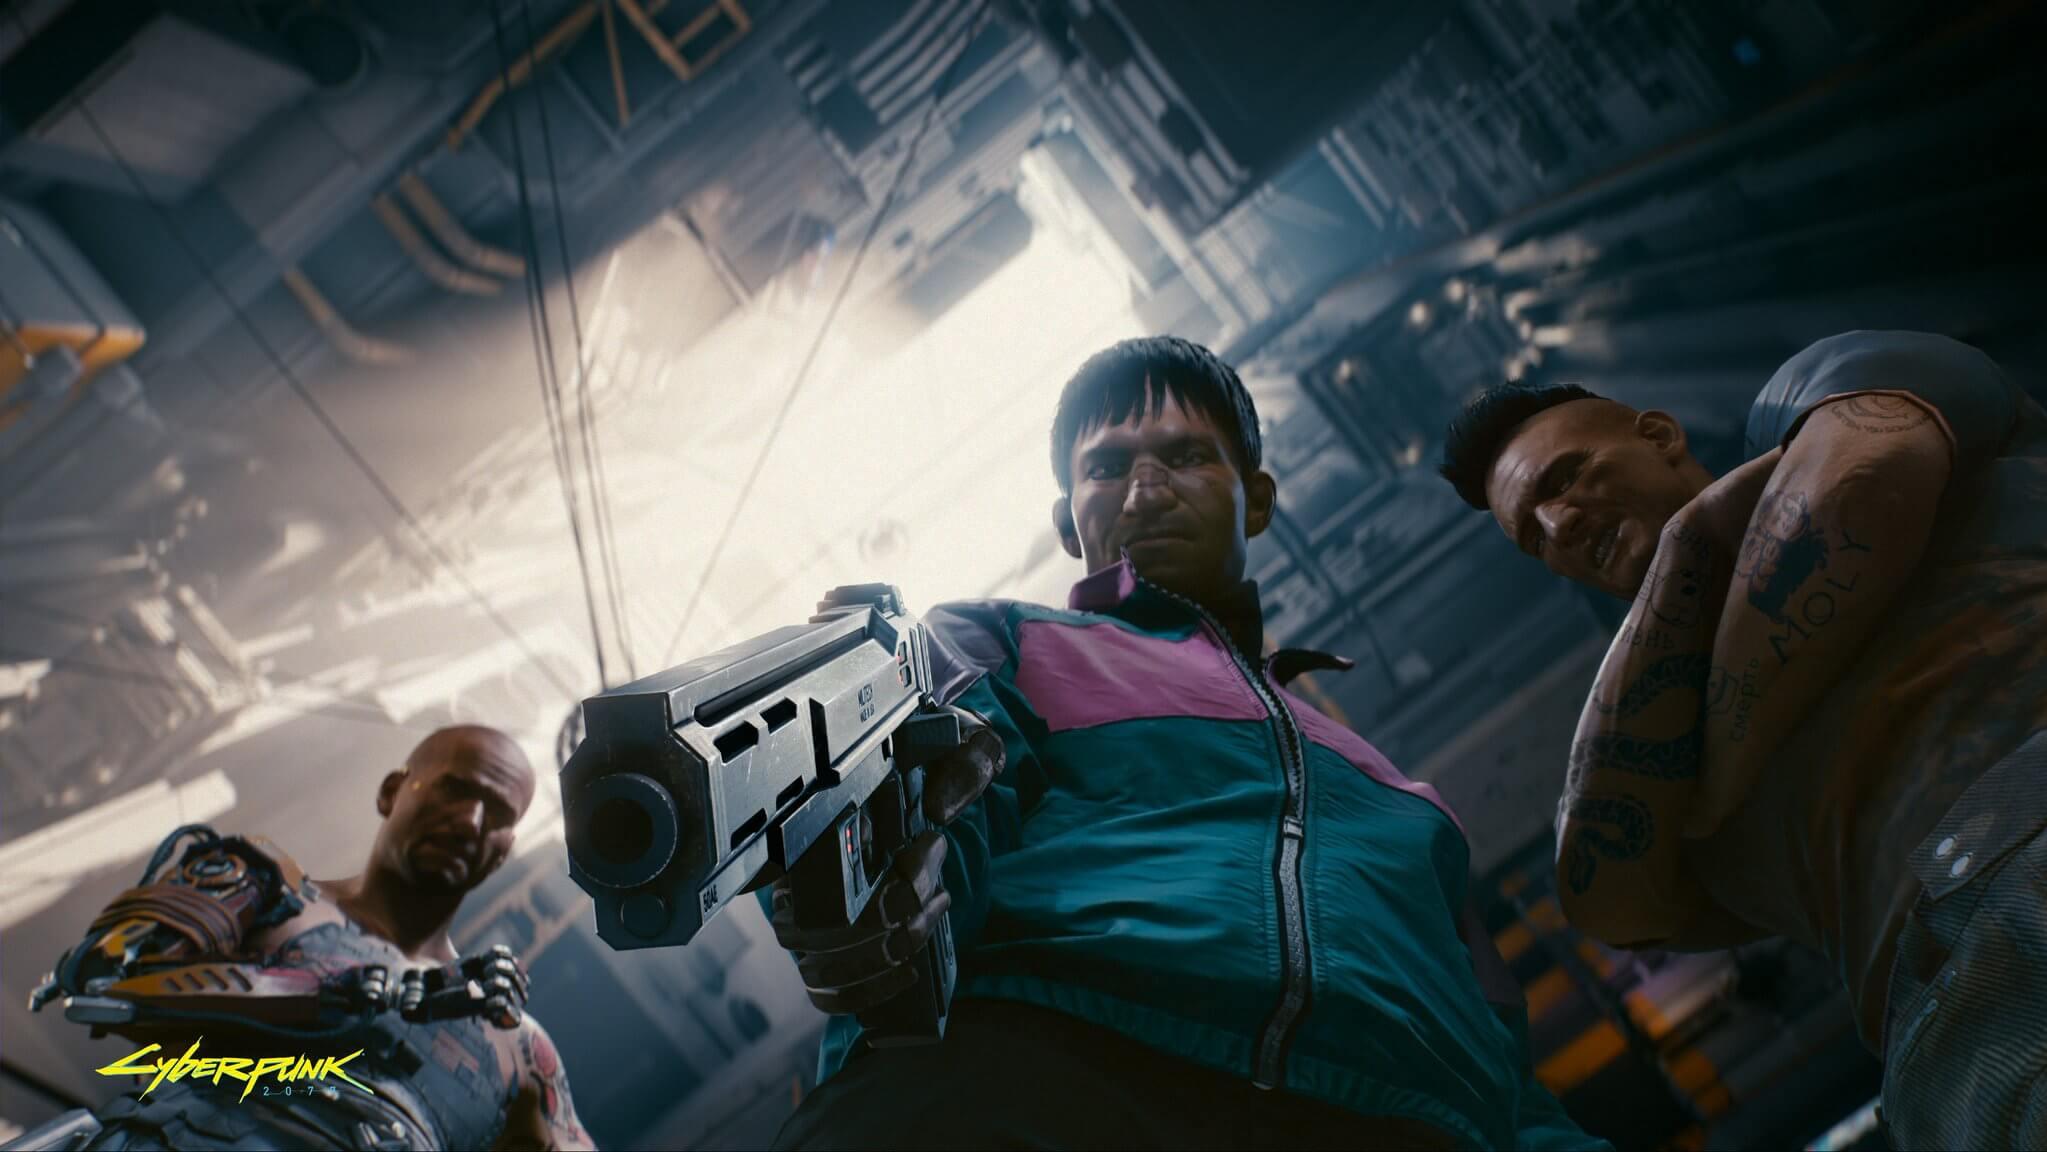 Cyberpunk-2077-gamescom-2018-1.jpg